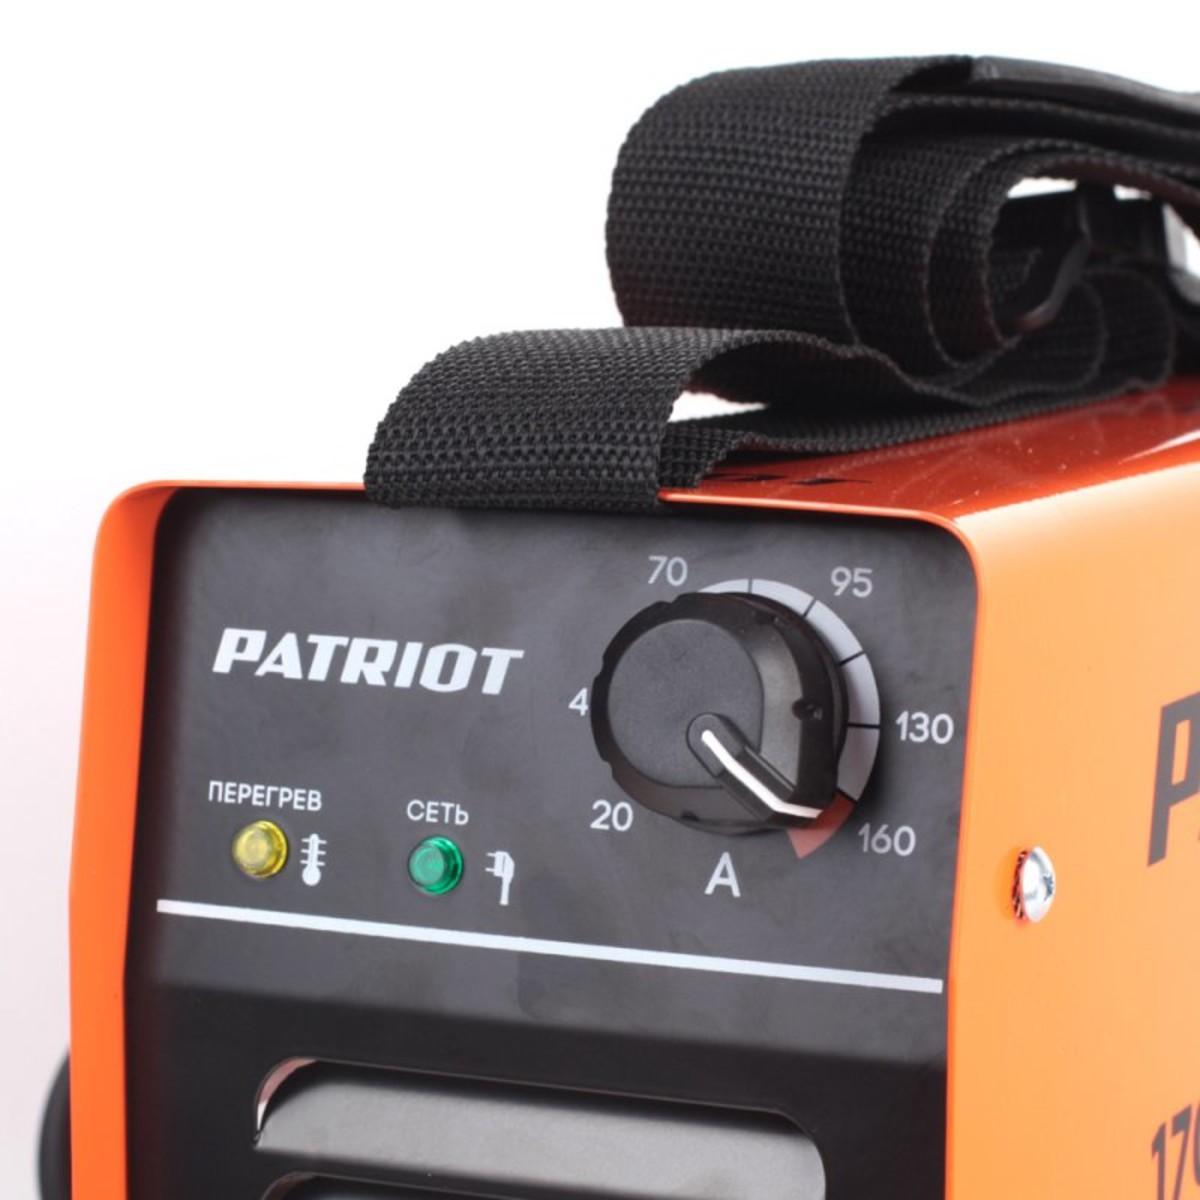 Дуговой Сварочный Инвертор Patriot 170dc Mma 605302516